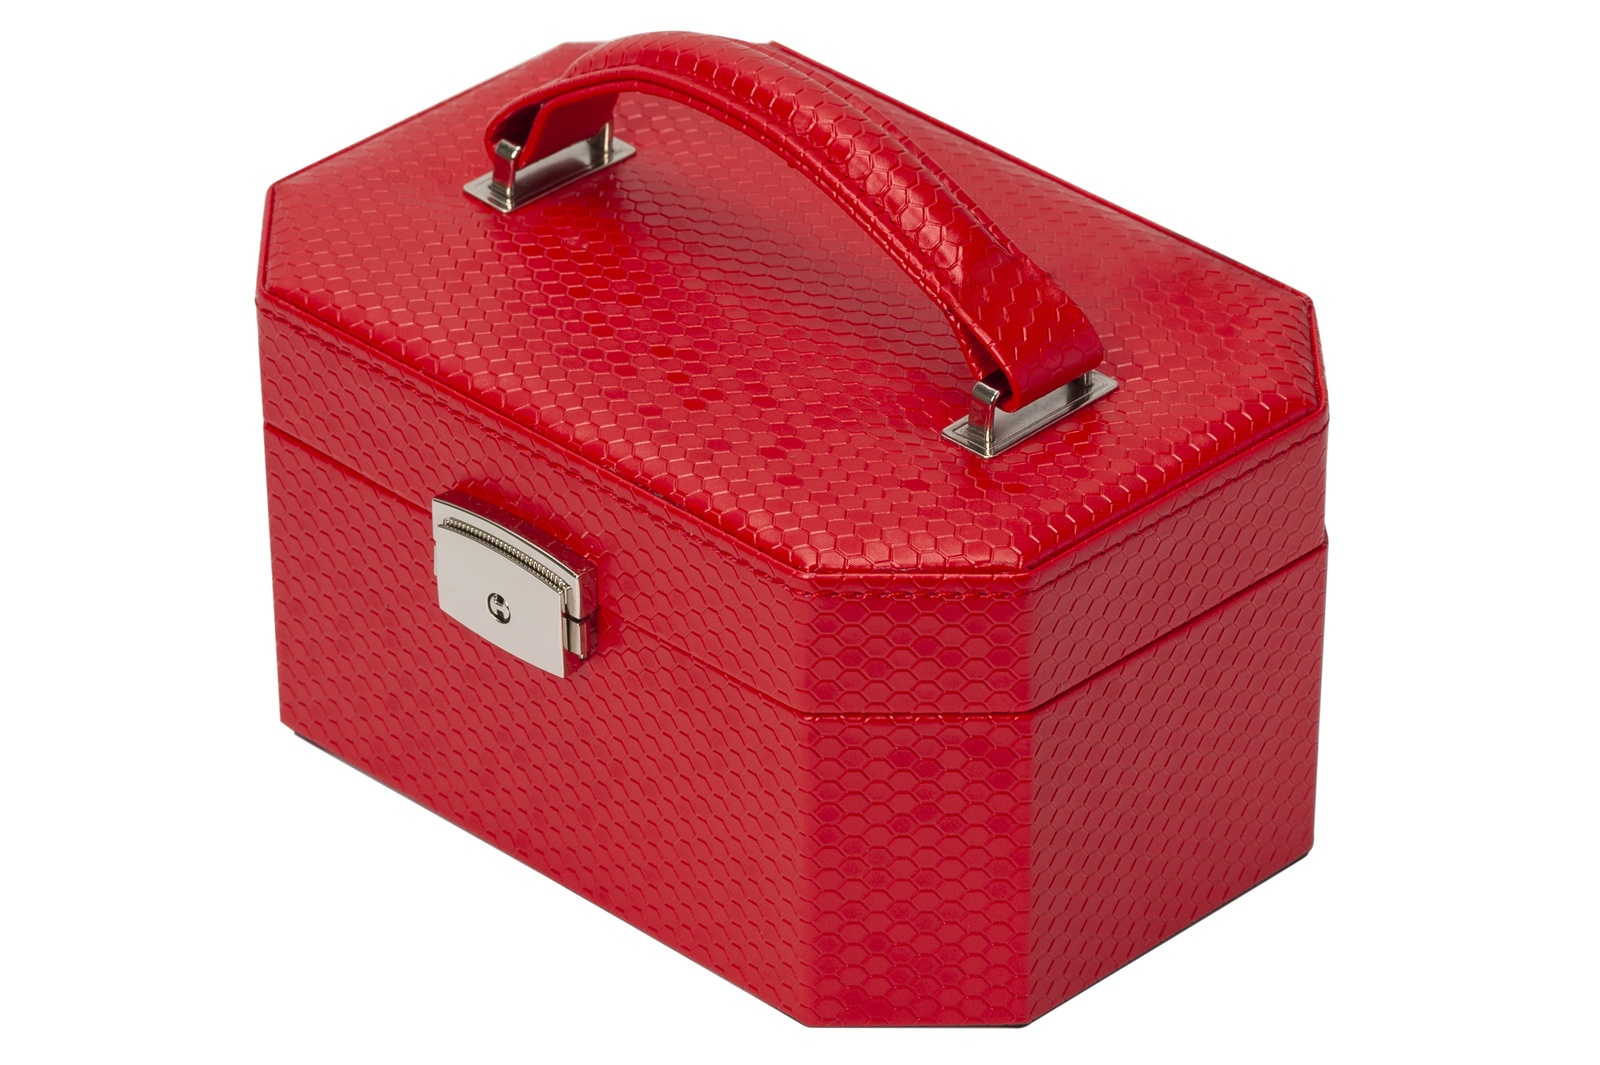 Шкатулка IsmatDecor из искусственной кожи, S-655-3, красный шкатулки ismatdecor шкатулка